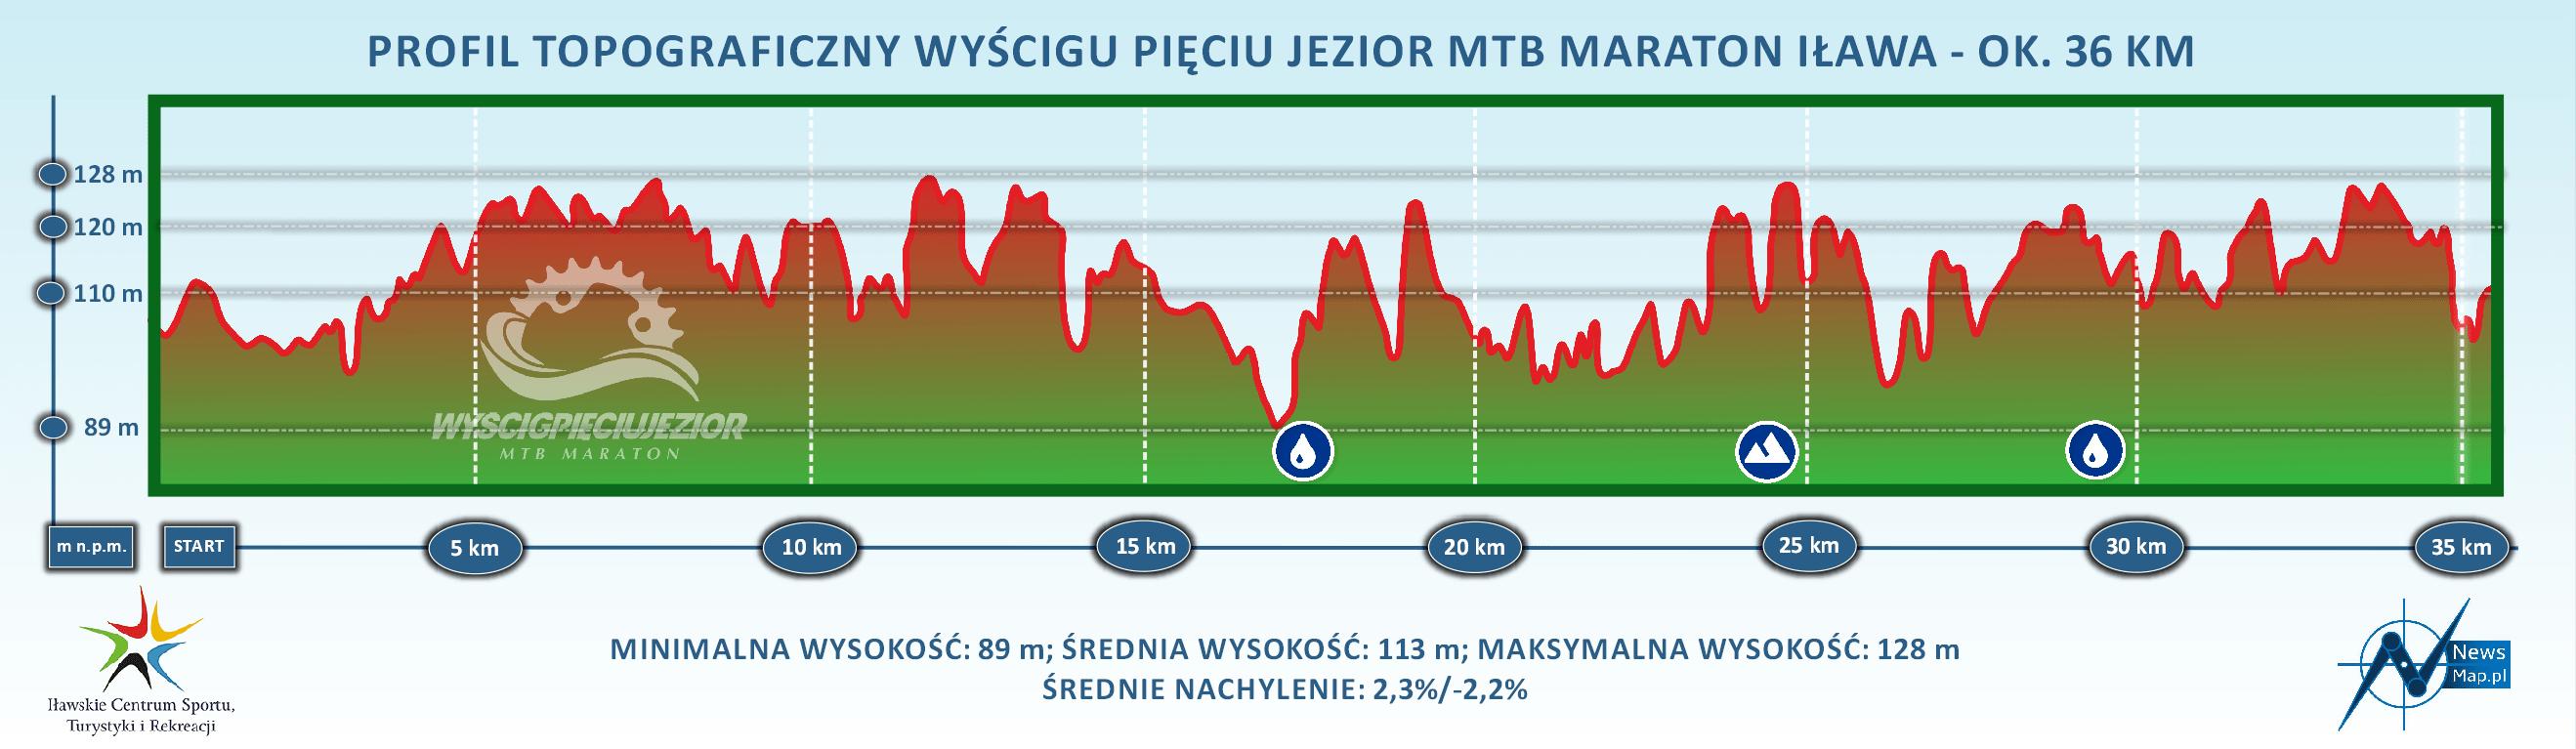 Profil topograficzny mtb maraton Iława 36 km